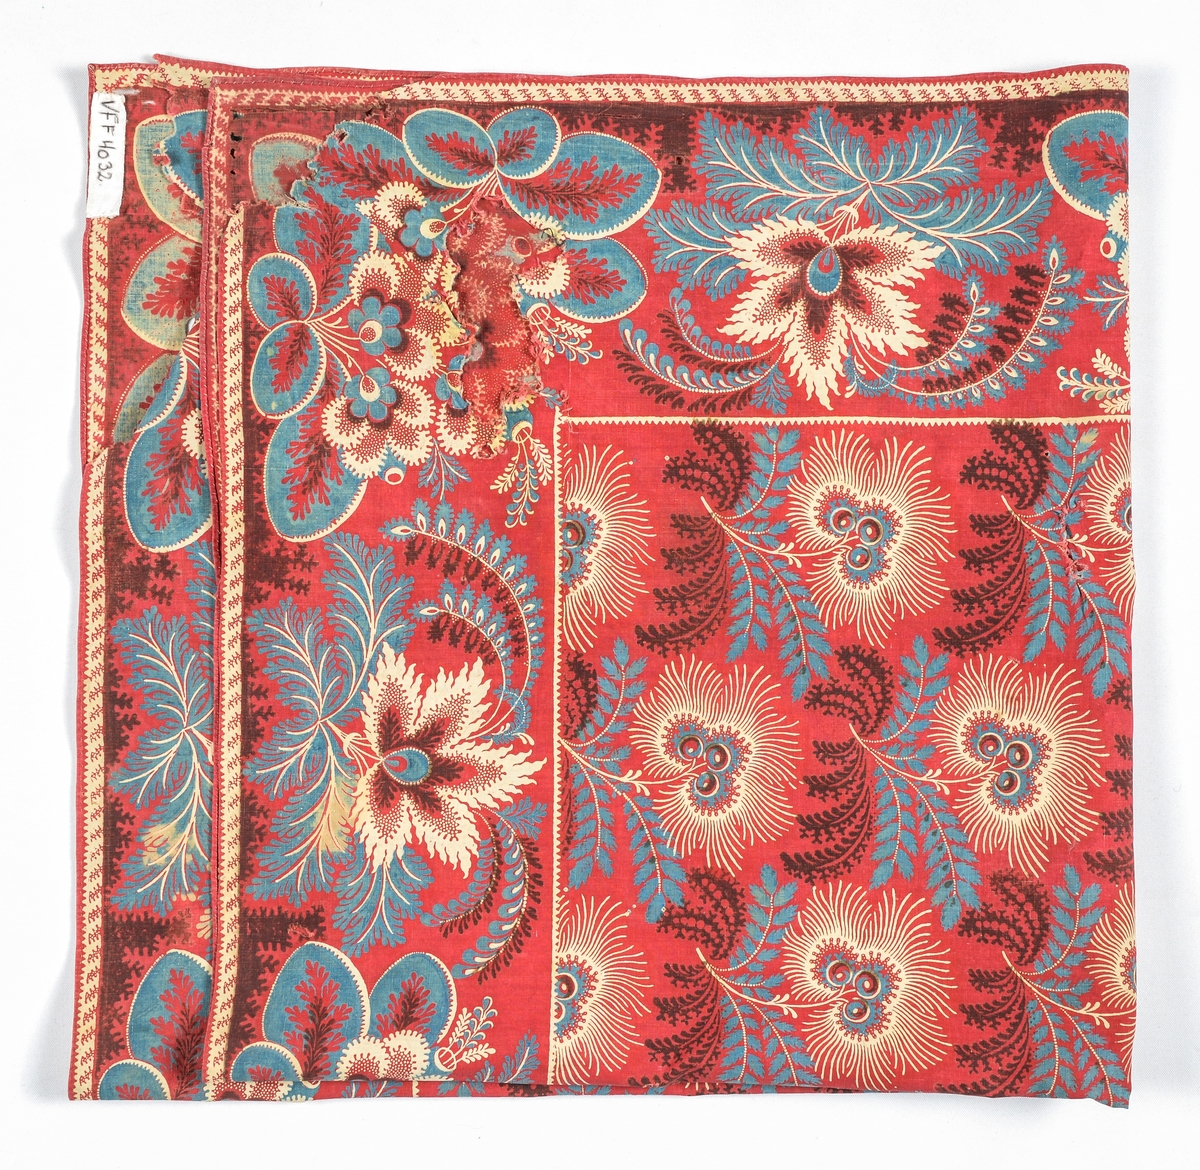 Tørkle i raudt bomulltøy, (tyrkerraudt) i botn, med trykt mønster i blått, burgunder og lys beige. Falda for hand med 1,5 mm brei fald i alle fire sidene.